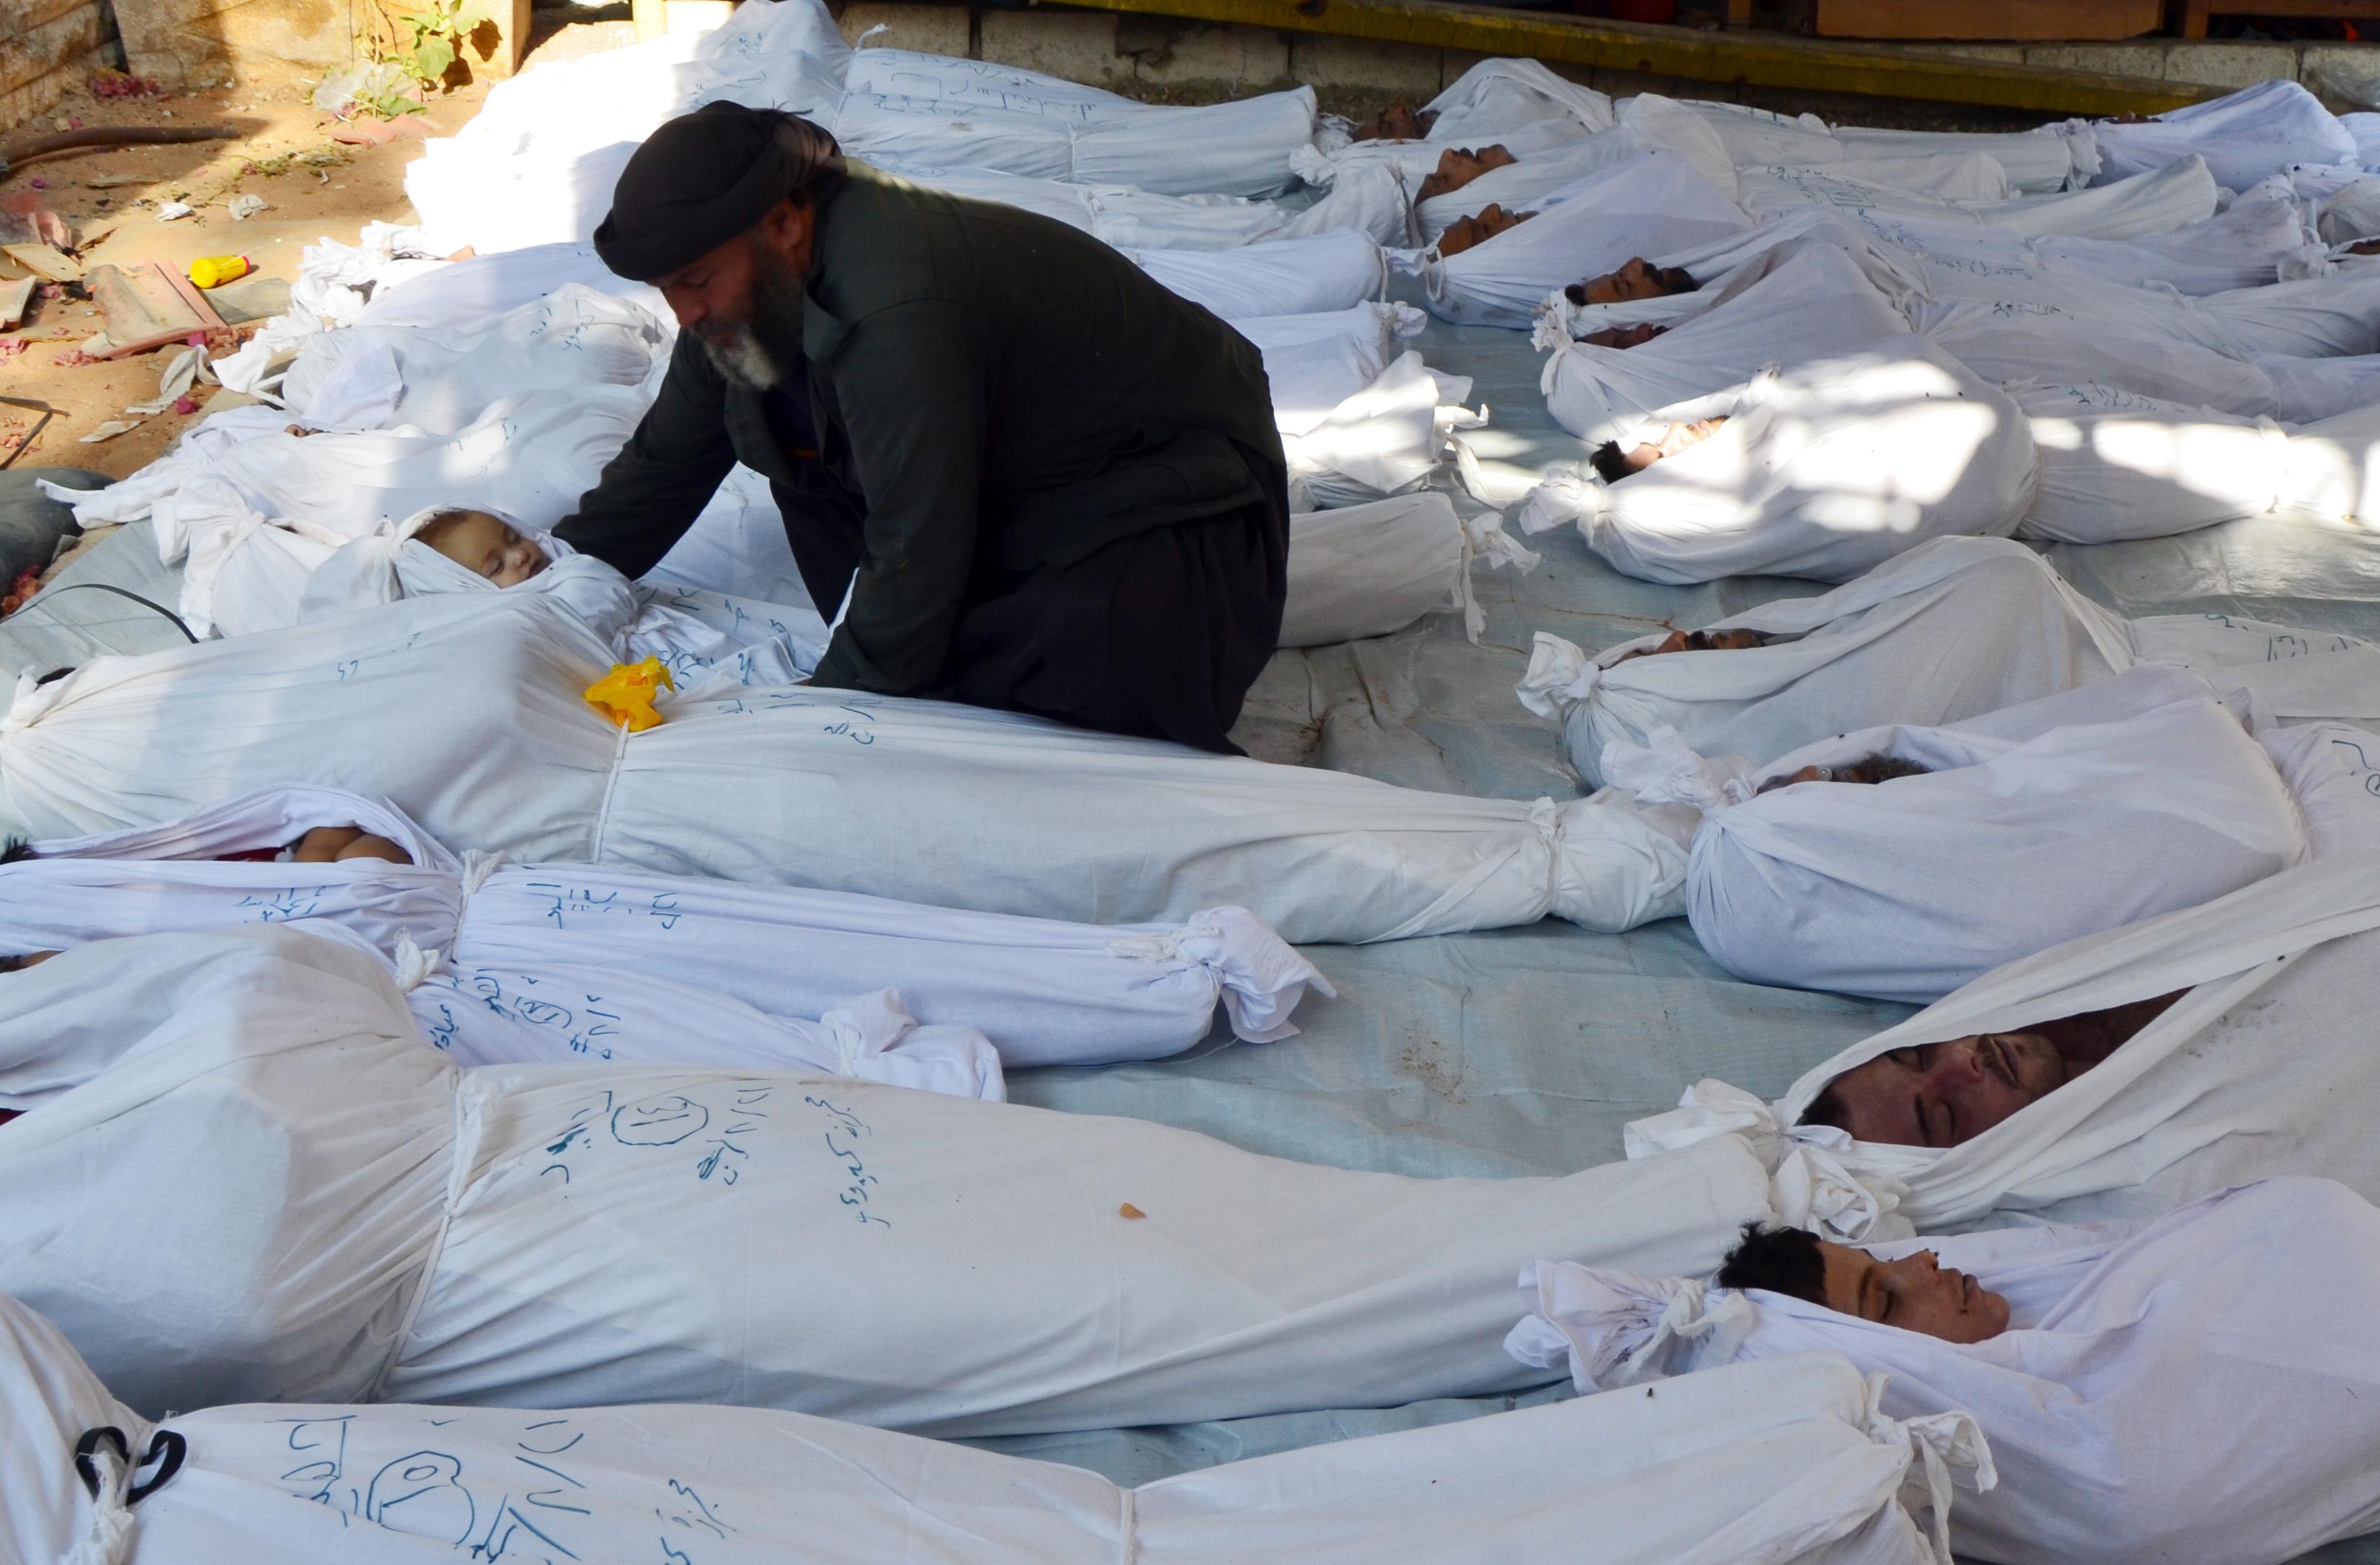 West plans strike on Syria